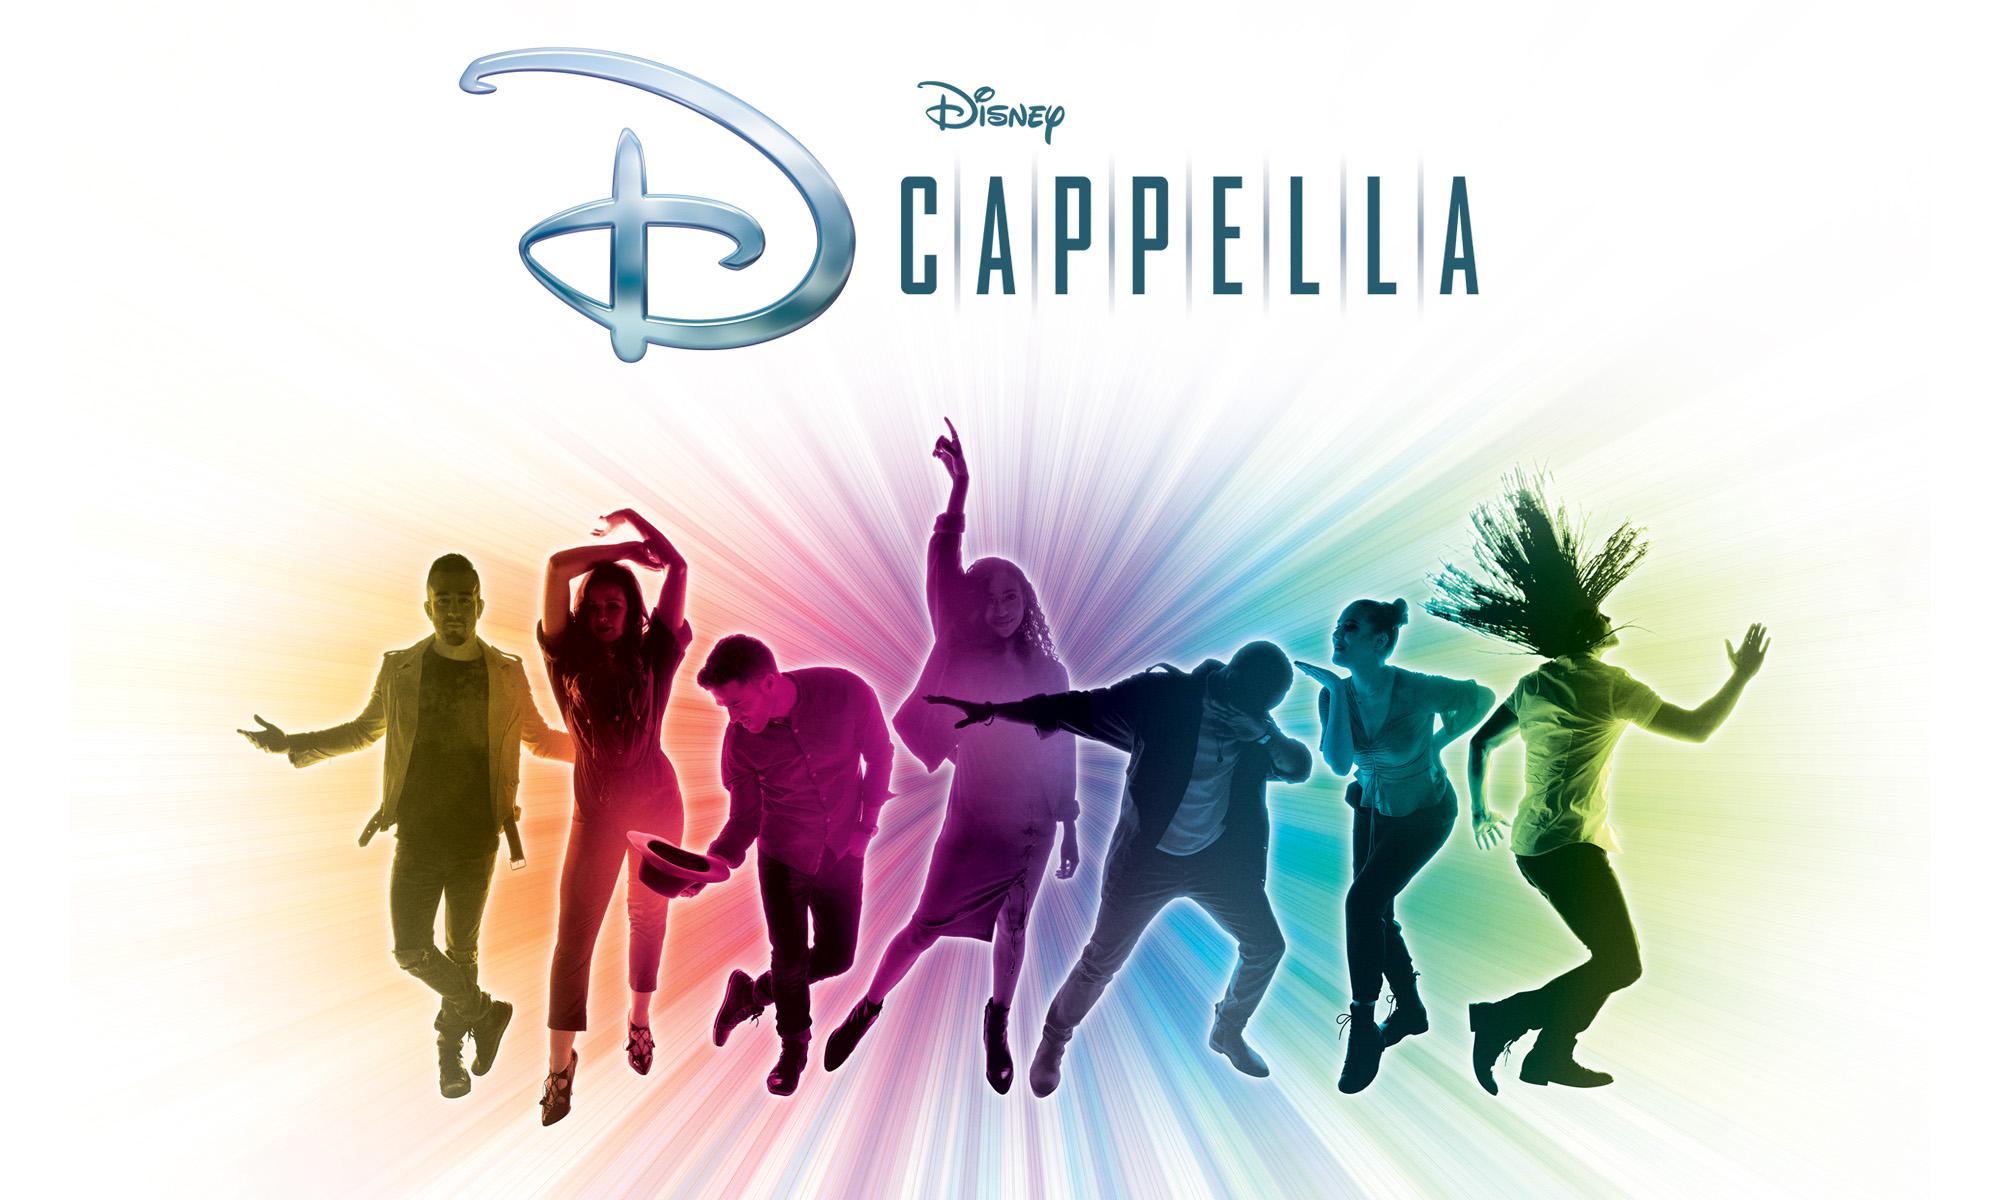 DCappella Live